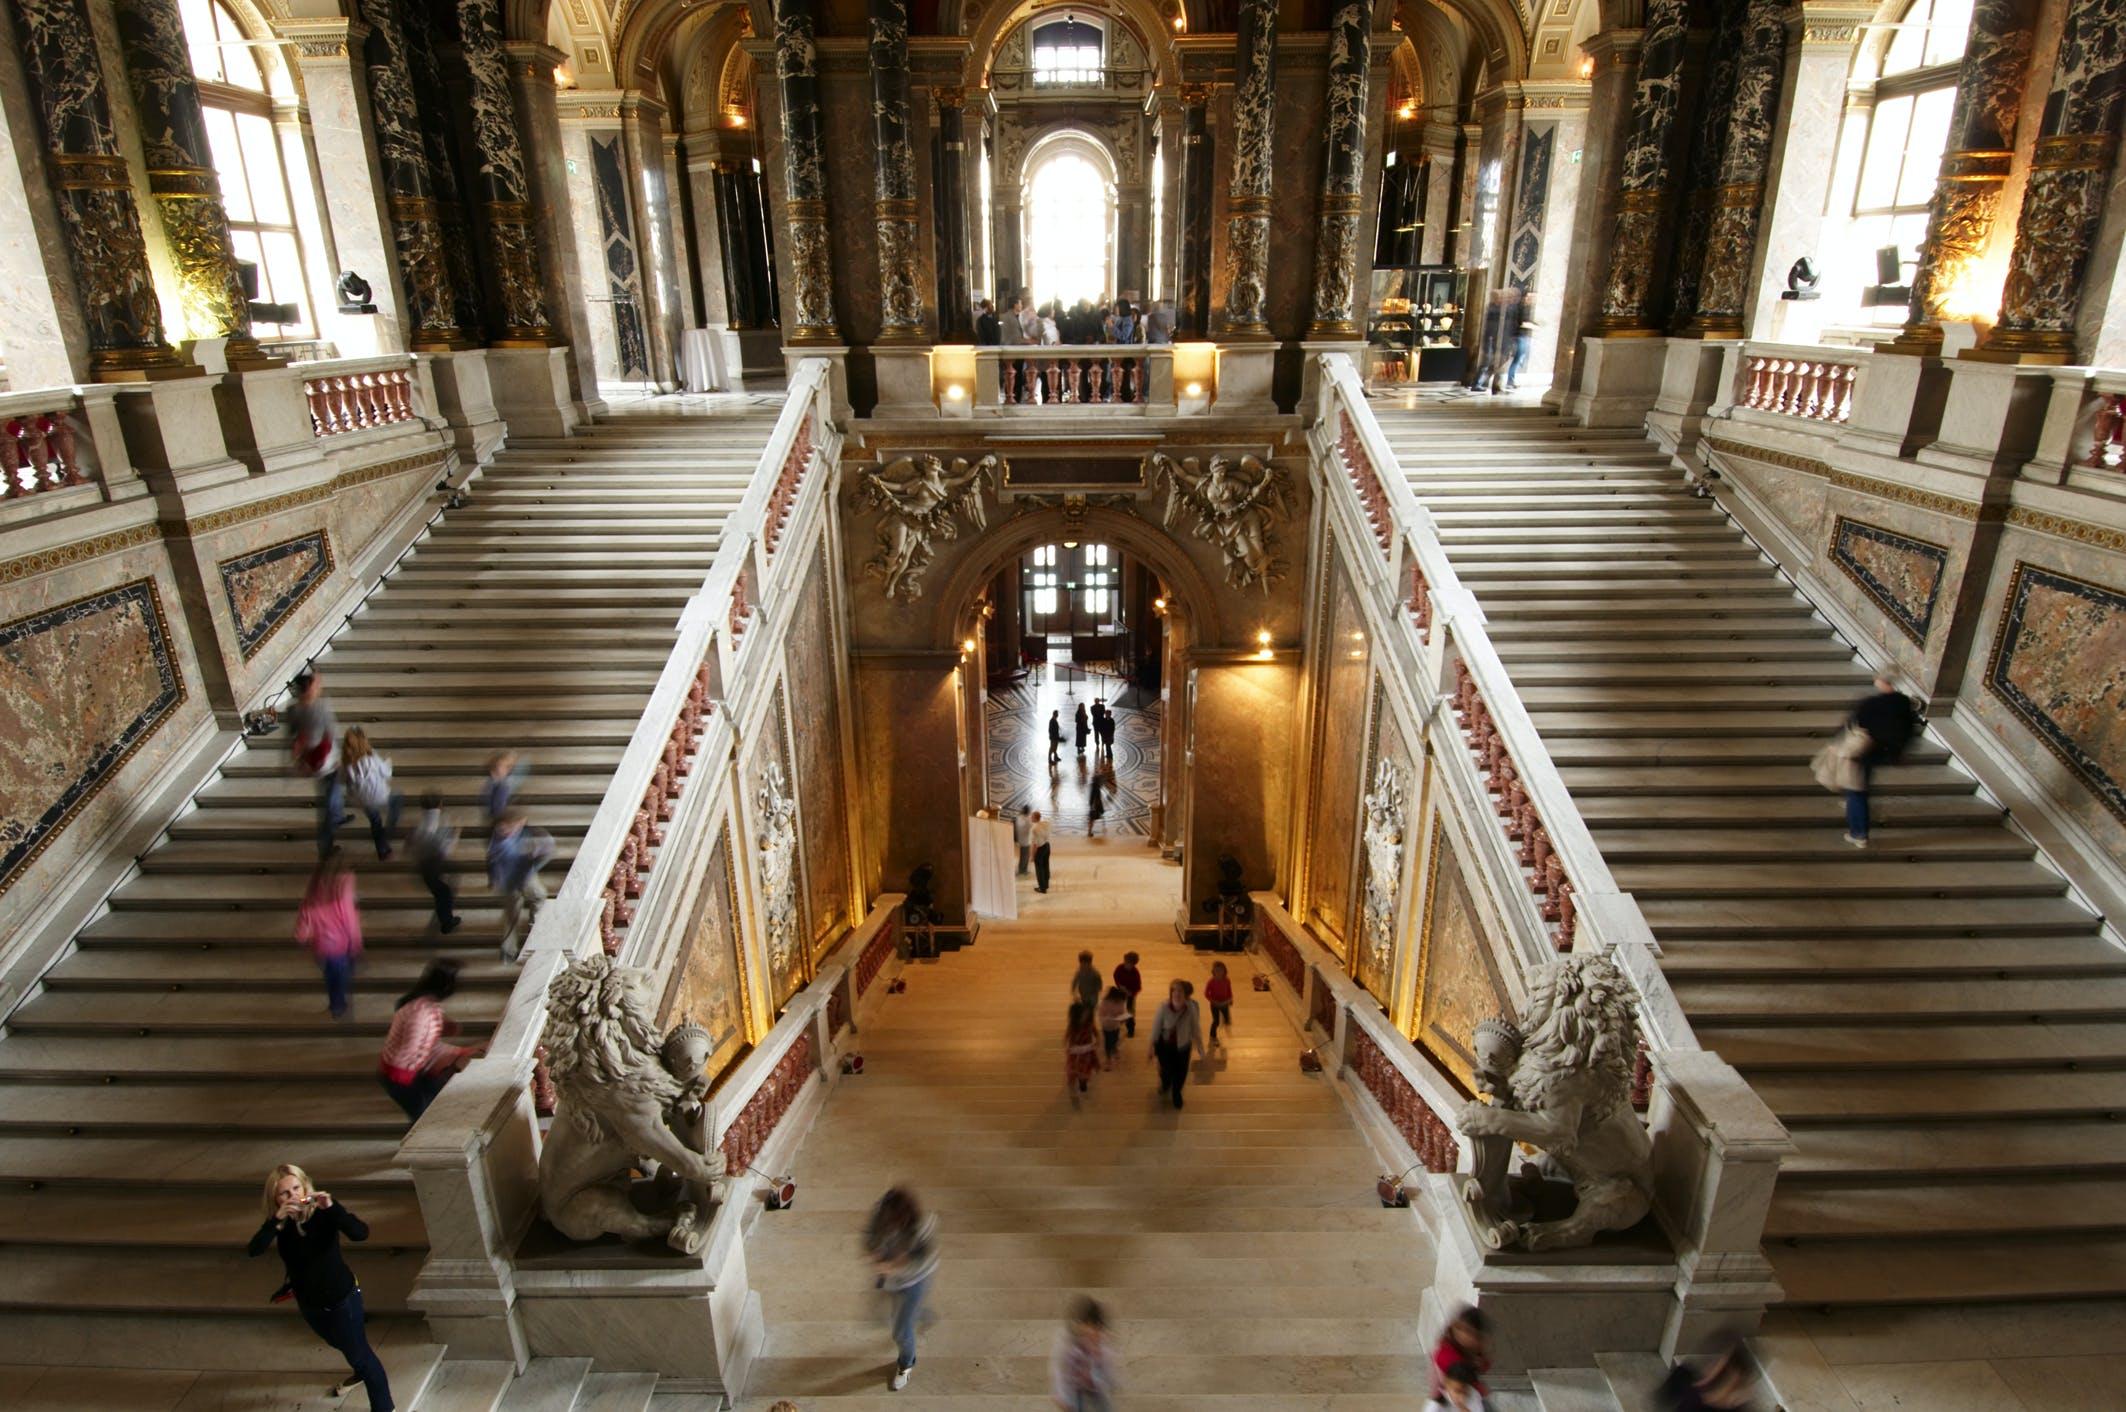 Tickets, museos, atracciones,Entradas para evitar colas,Museos,Tour por Viena